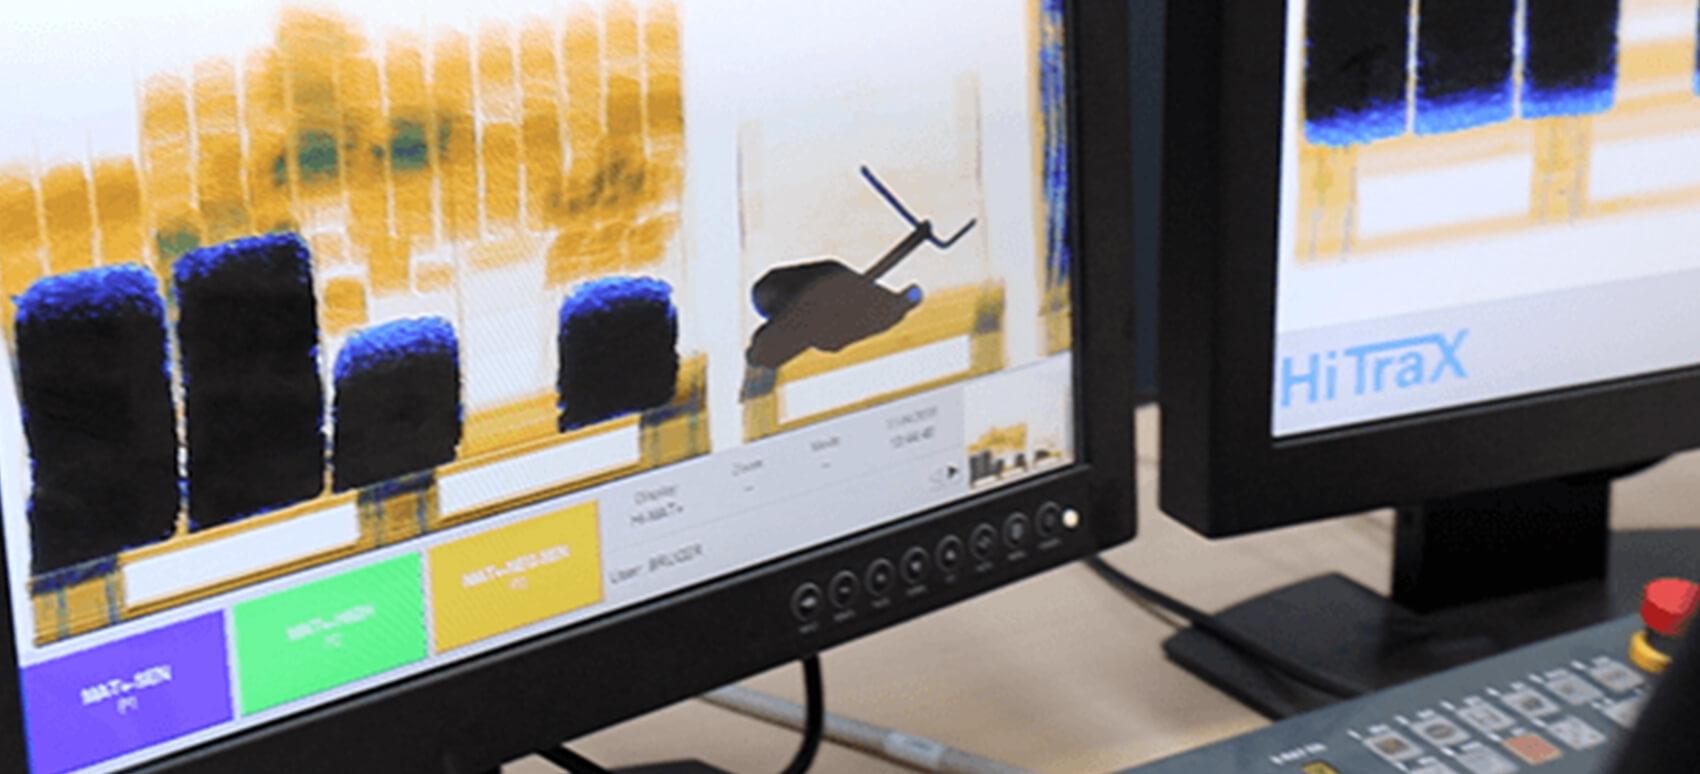 Screening sikrer en mere effektiv håndtering af luftfragt